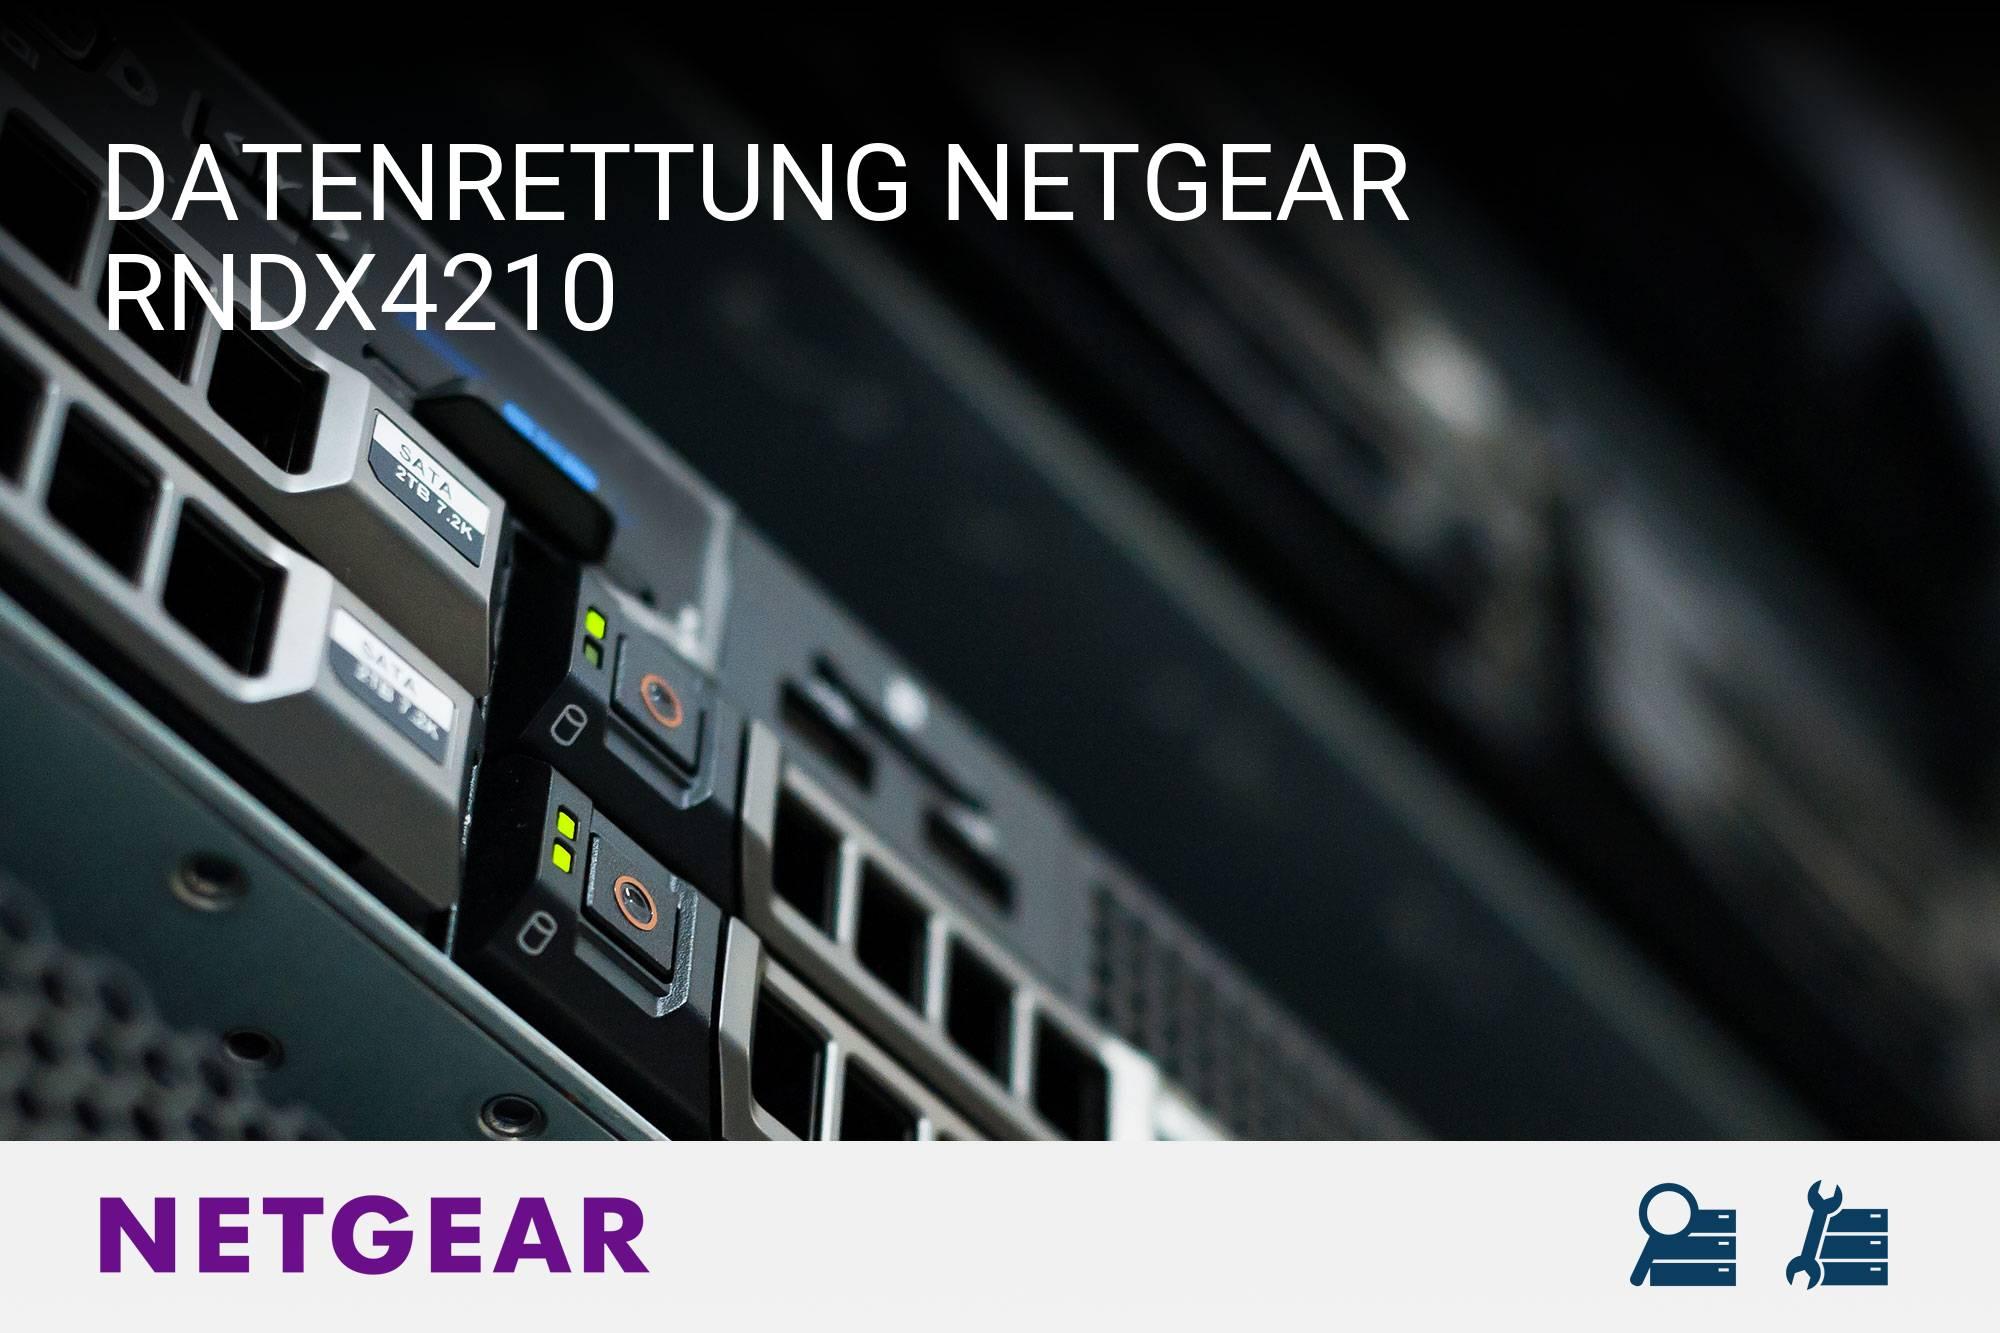 Netgear RNDX4210